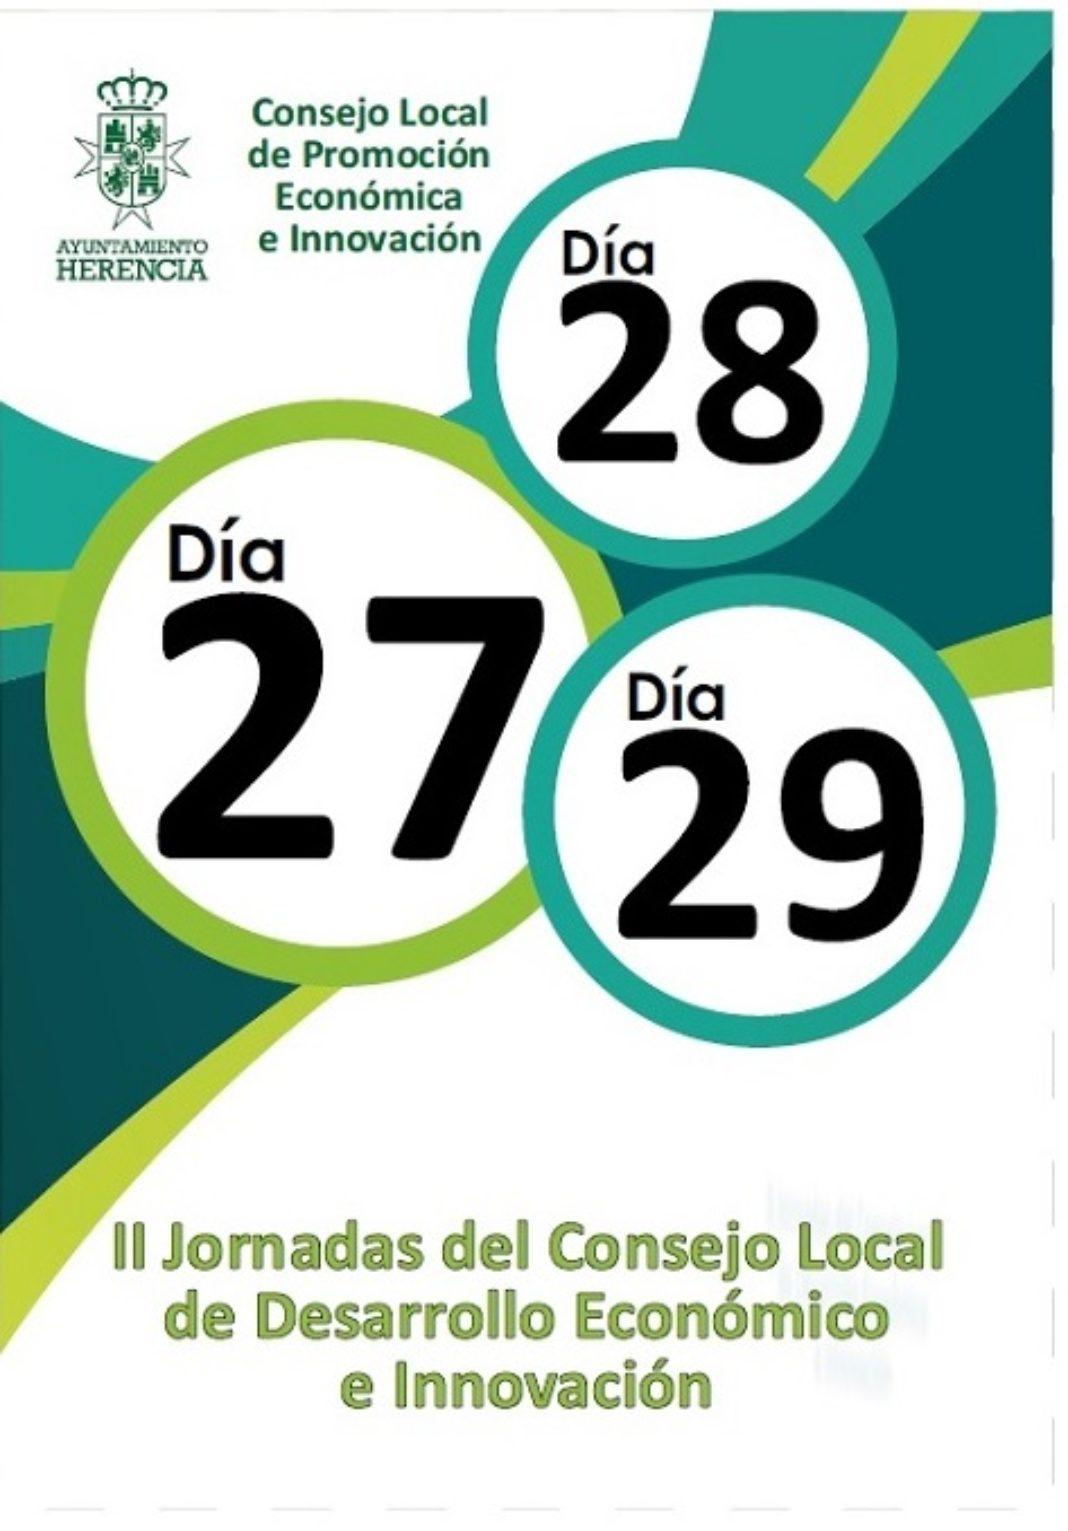 Segundas jornadas del Consejo Local de Desarrollo Económico e Innovación 7